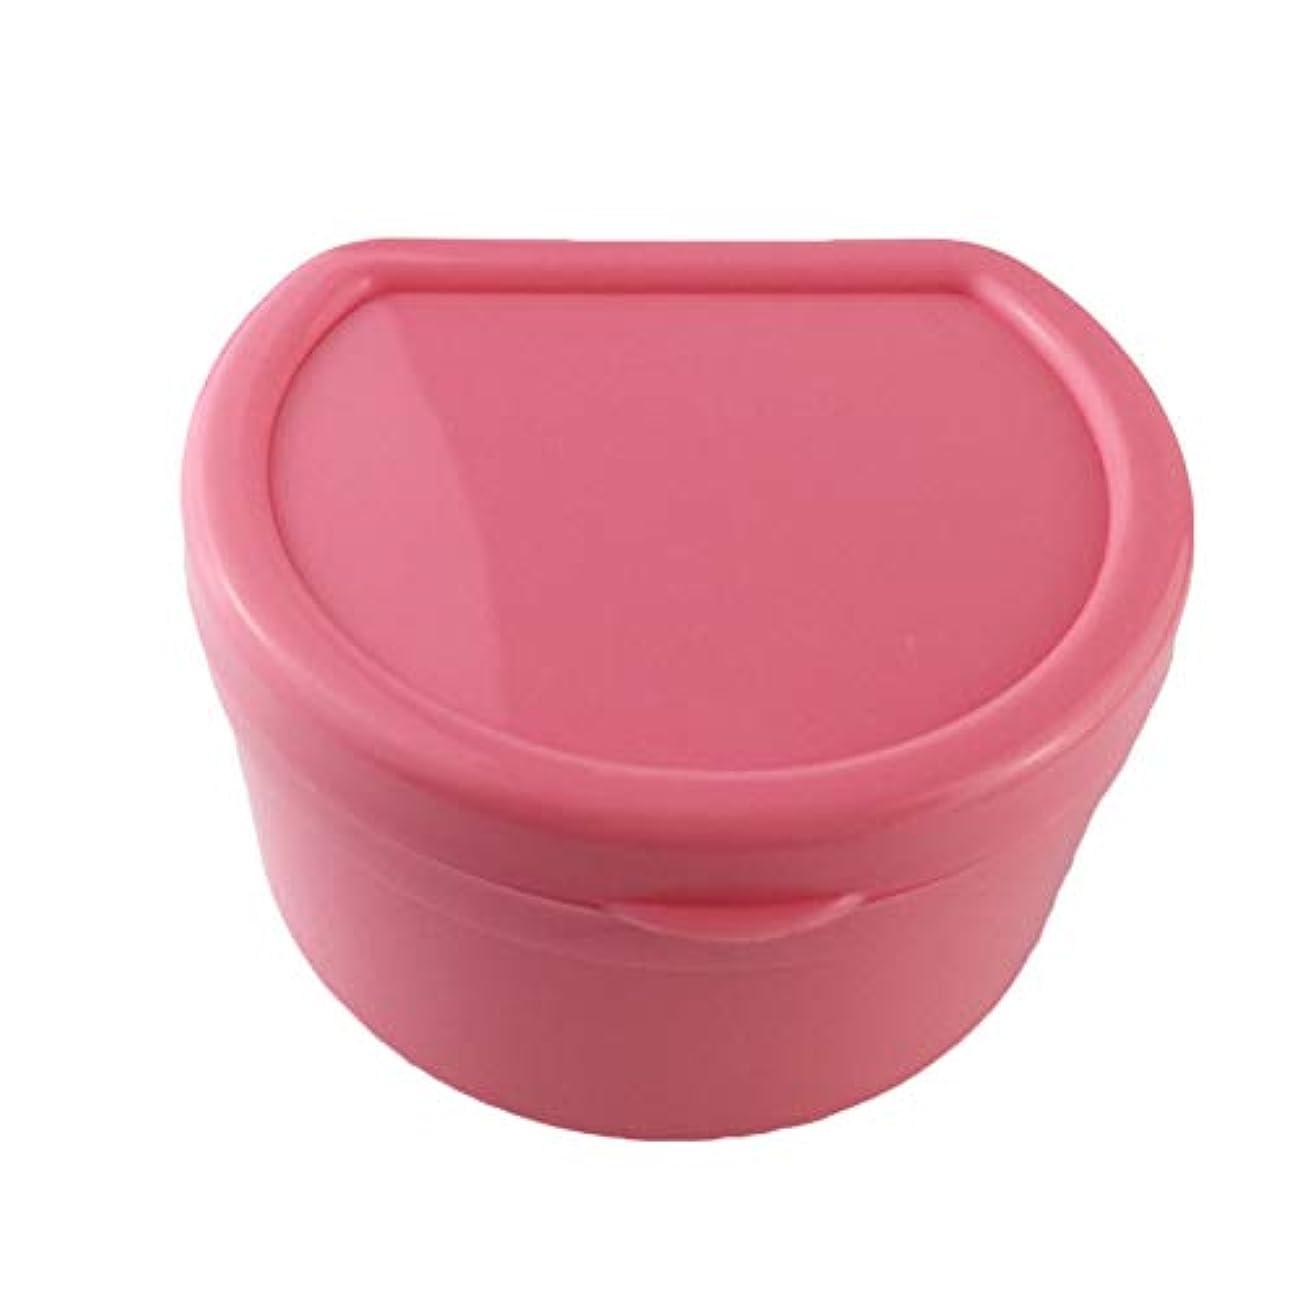 の配列寸前放散するSUPVOX 義歯バスボックスケース入れ歯カップ付きストレーナーネット付偽歯(ピンク)